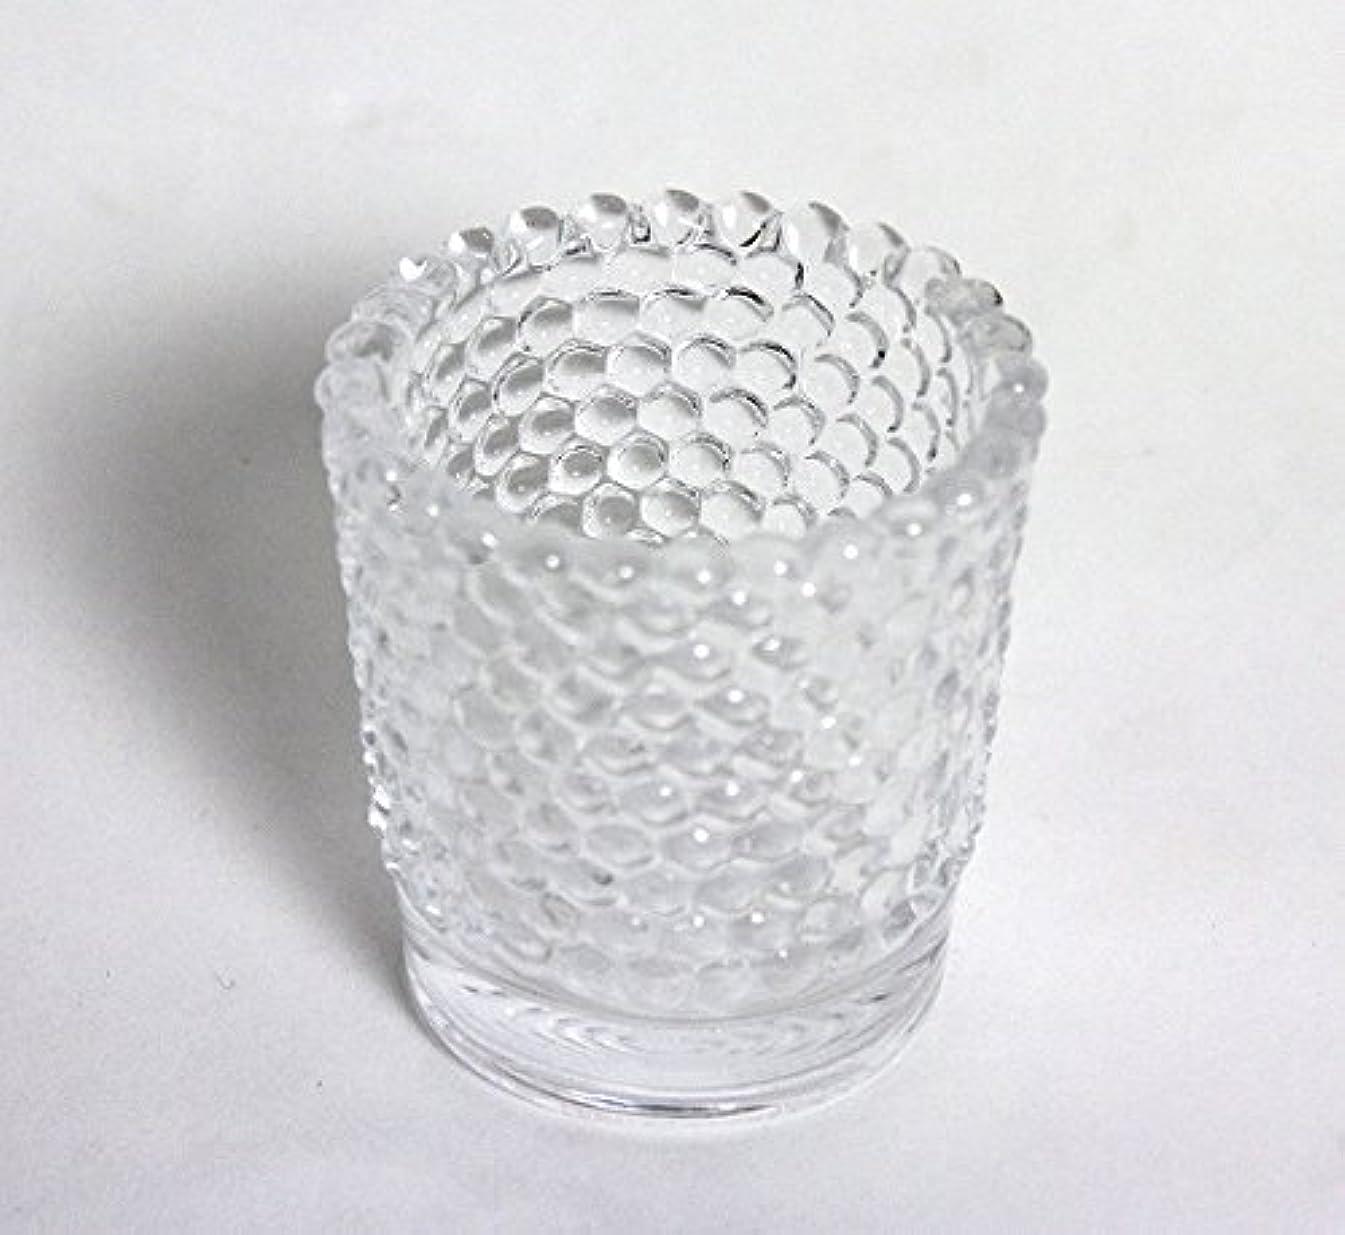 飲料飢えた飼料カメヤマキャンドル( kameyama candle ) ホビネルグラス 「 クリスタル 」